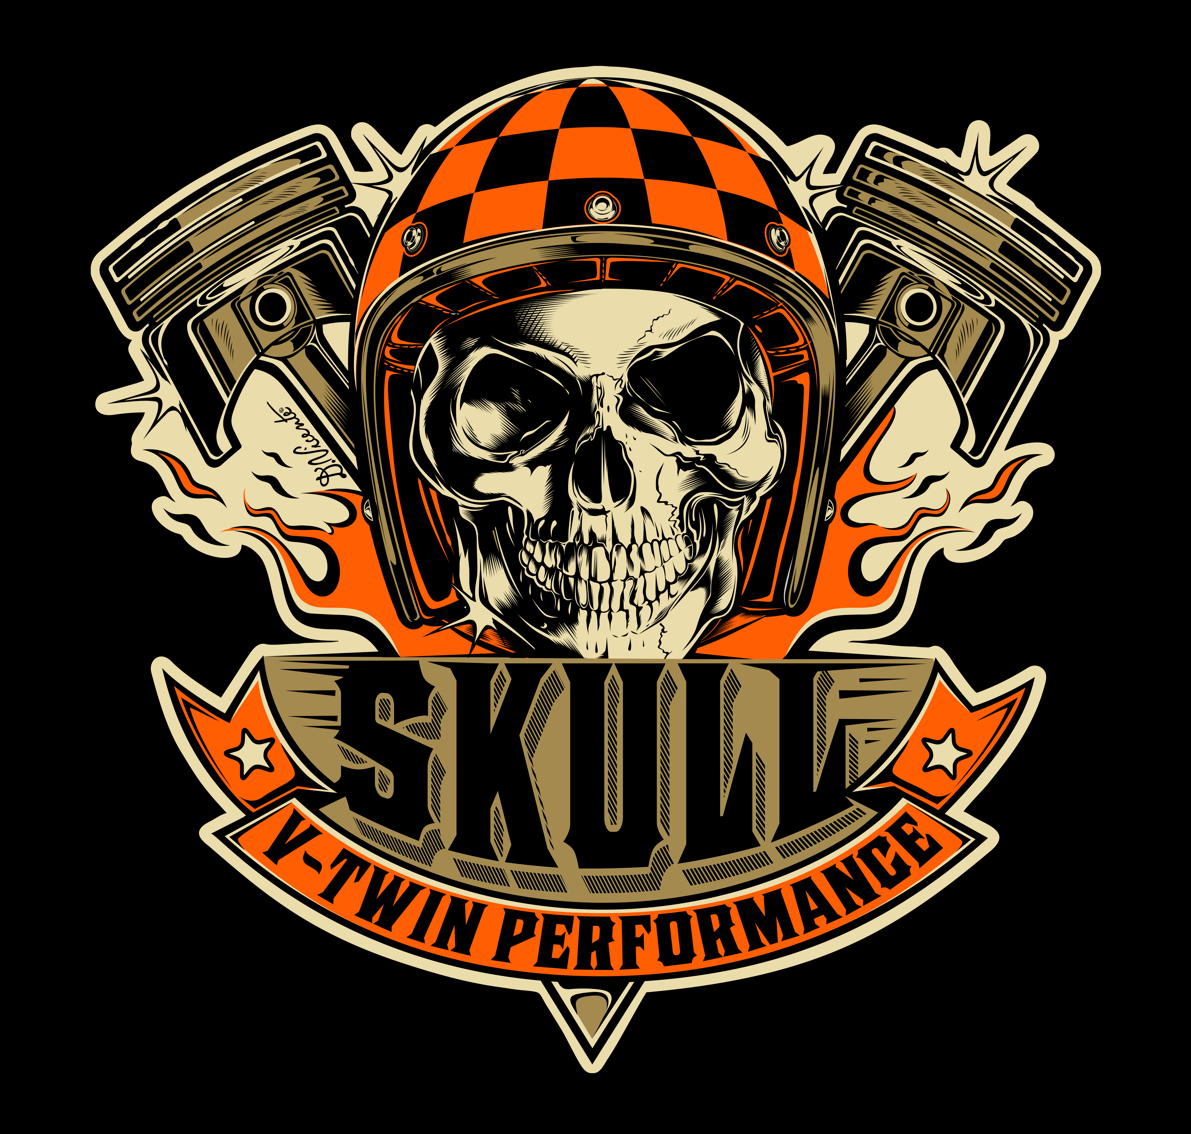 Logo Design Skull V Twin Performance Brazil2016